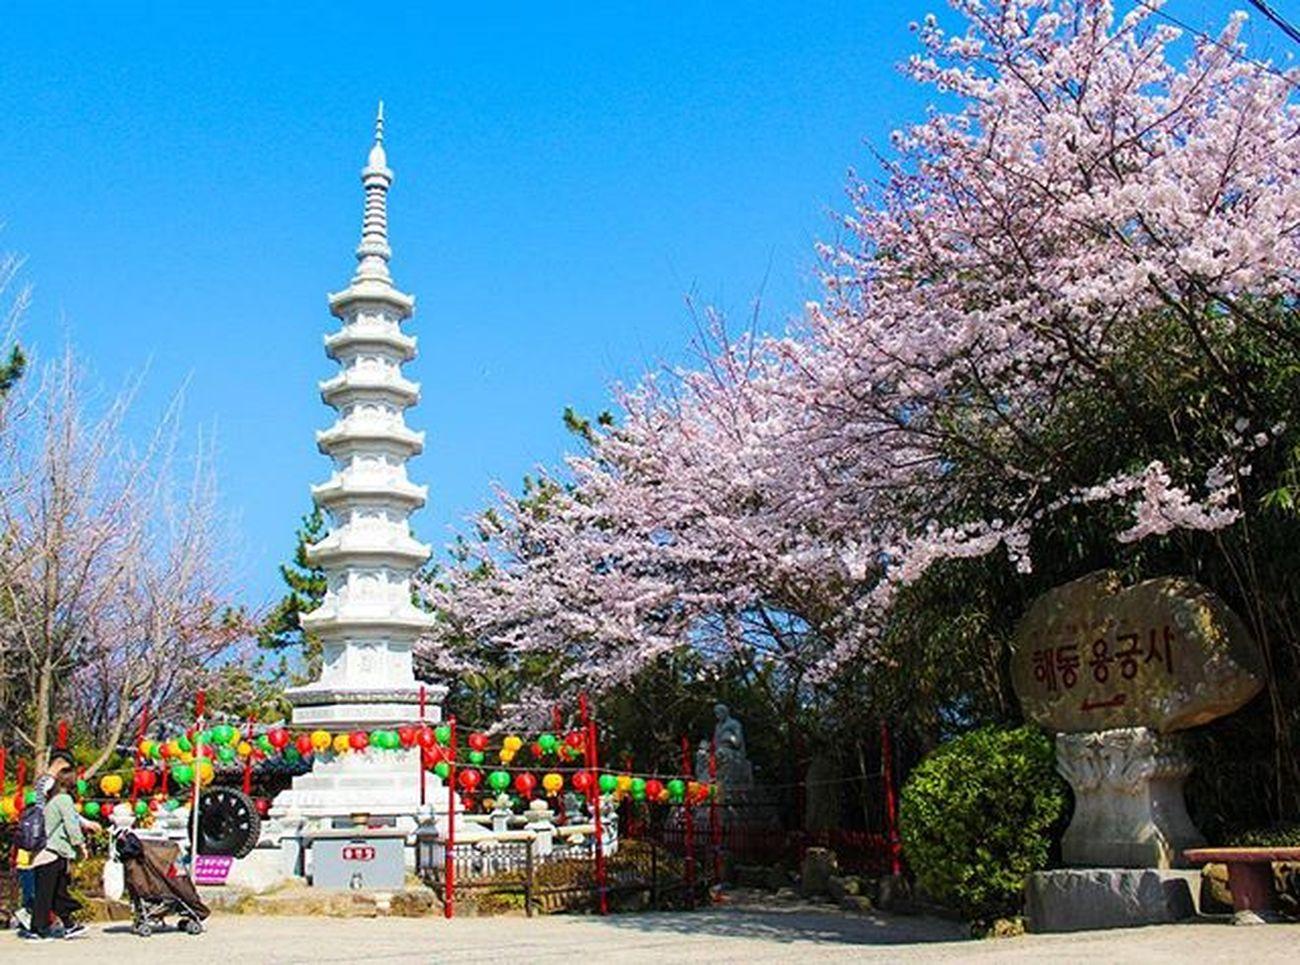 🙏 부산살면서도, 이제서야가네. 그린카 해동용궁사 부산여행 용궁사 차스타그램 카스타그램 벚꽃 드리이브 풍경 출사 기장 빈카메라 Pusan Busan Korea Travels Trip Journey Landscape Bincamera